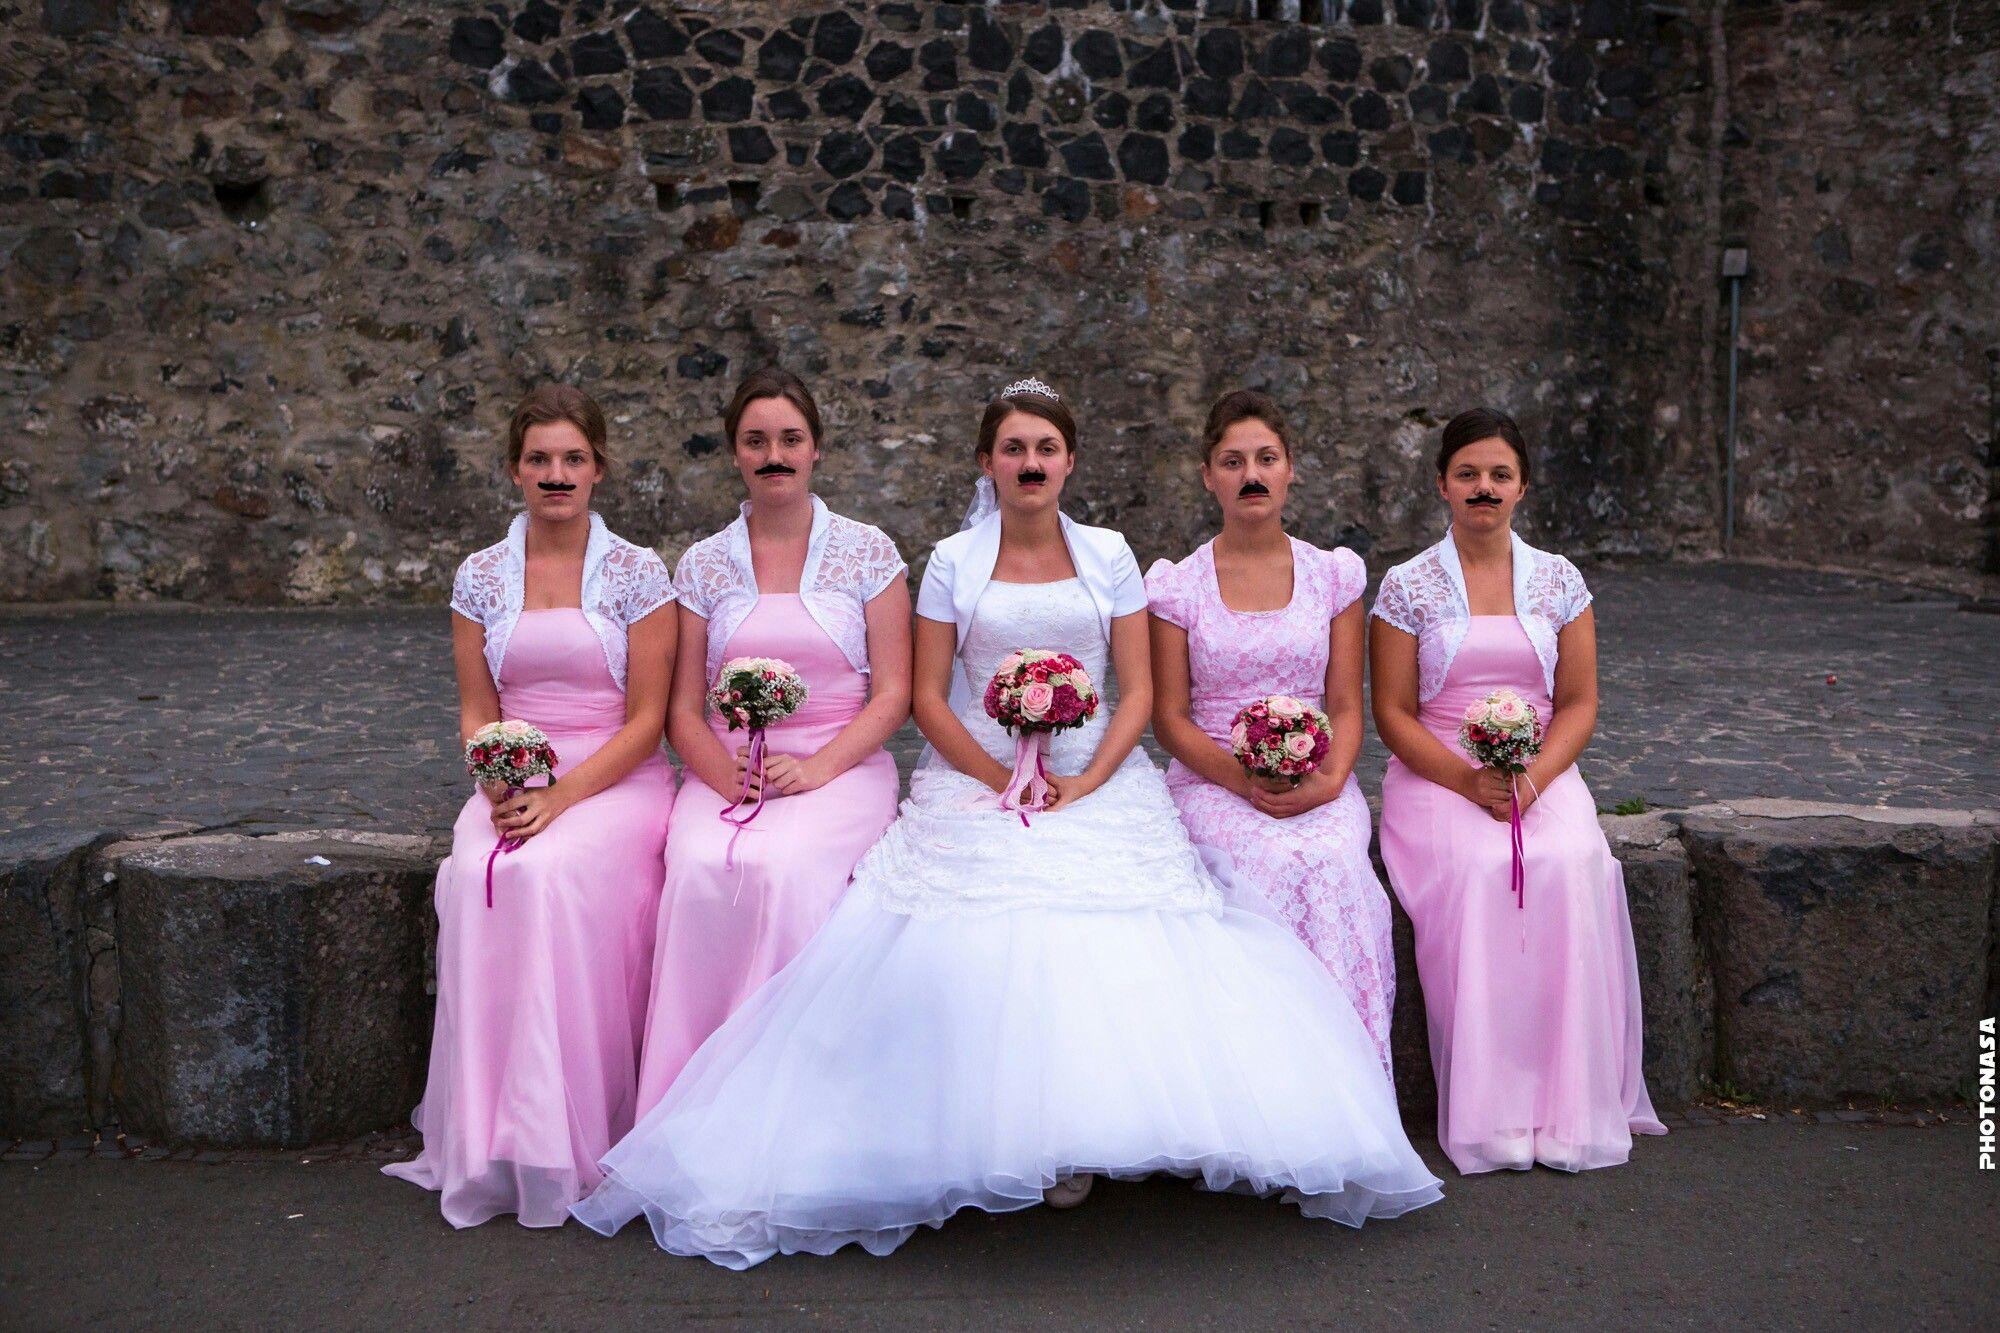 HochzeitseinladungenNeue Designs  AM Photonasa